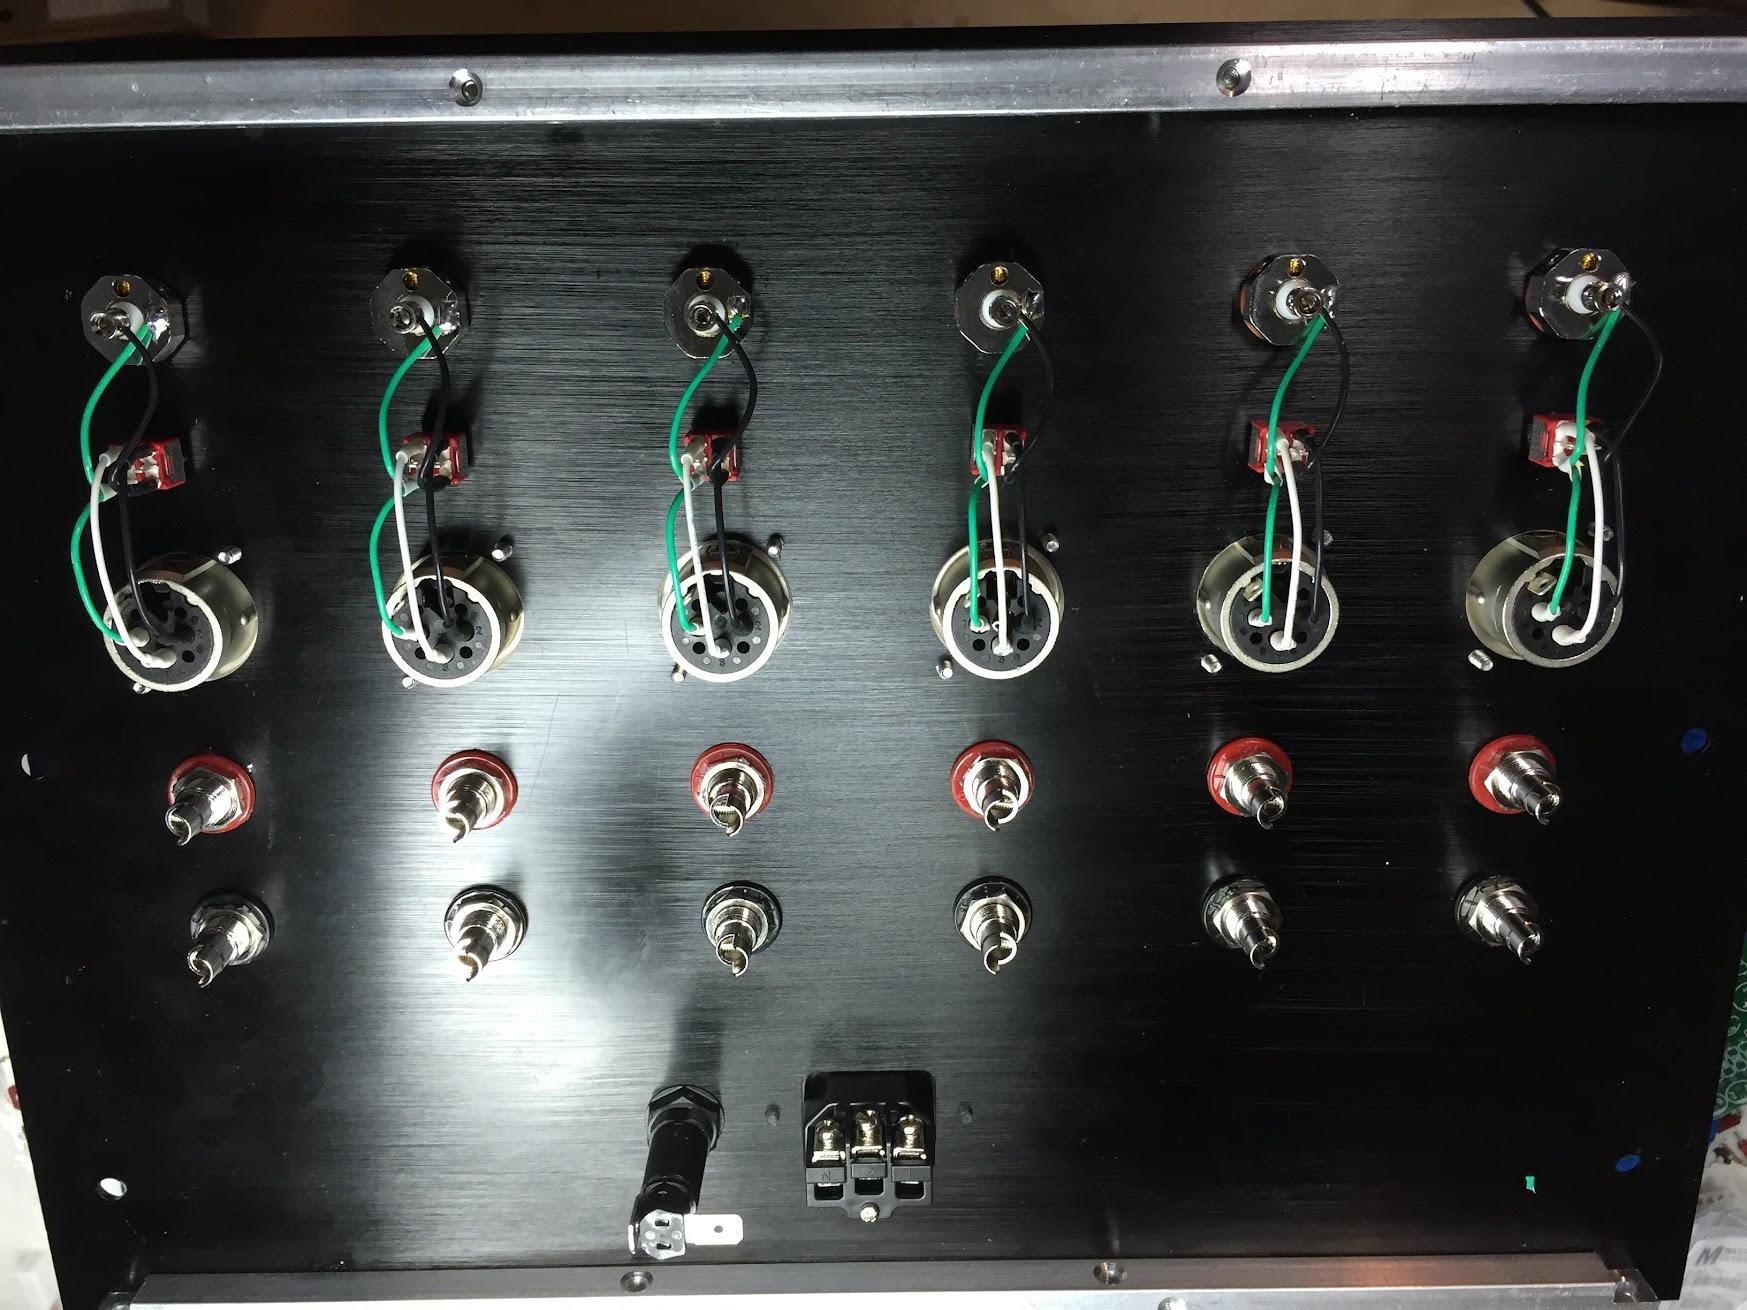 Amplificateur 6 canaux pour actif trois voies KyK5I1tl3czNZ0MTJYepLUUkhWwXRTKyVGbCnFzarAvkwblTGYMABI5w3uVr86IrWfaQQHS65g=w1747-h1310-no